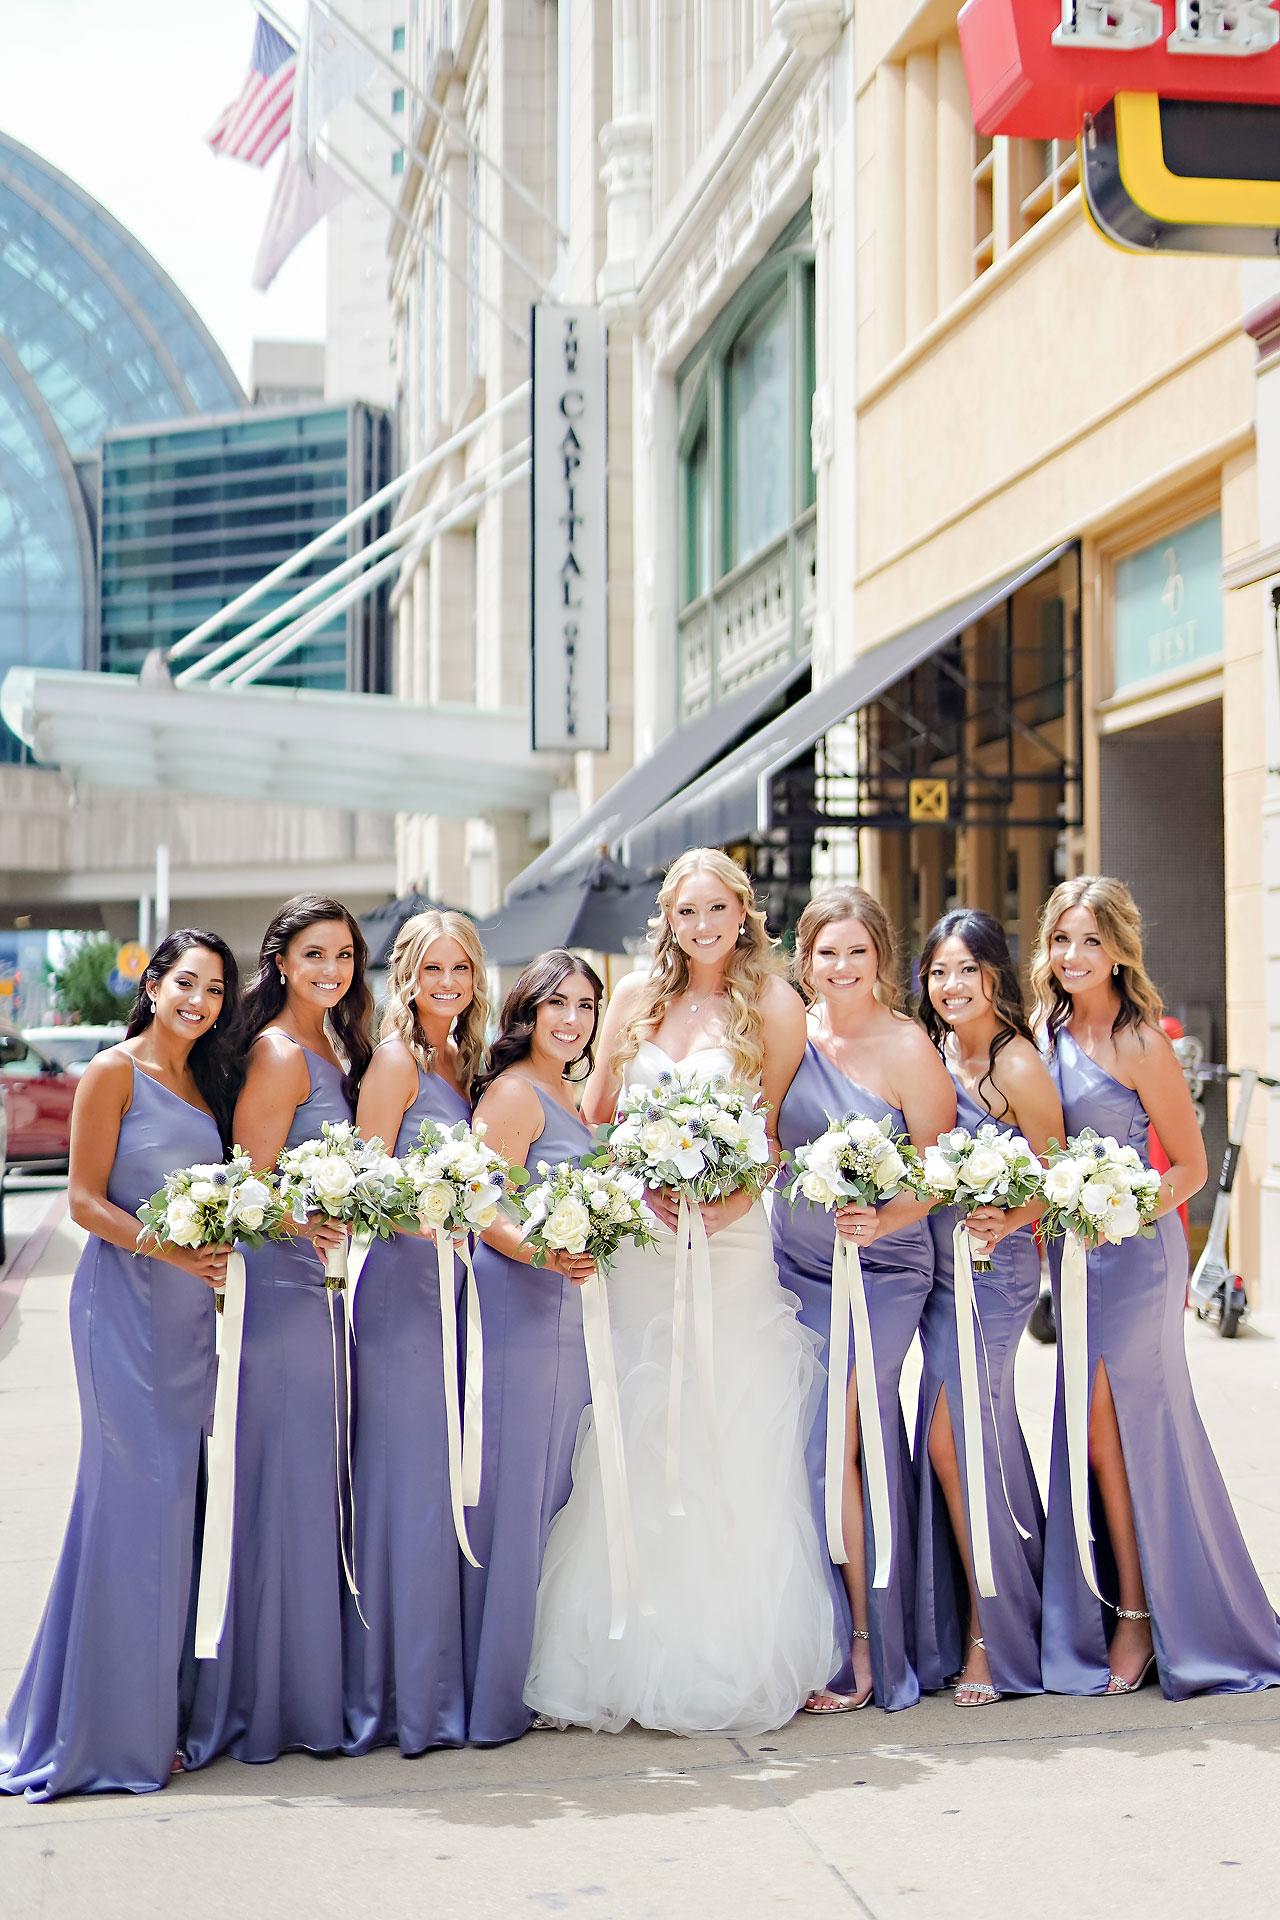 Liz Zach Conrad Artsgarden Indianapolis Wedding 080